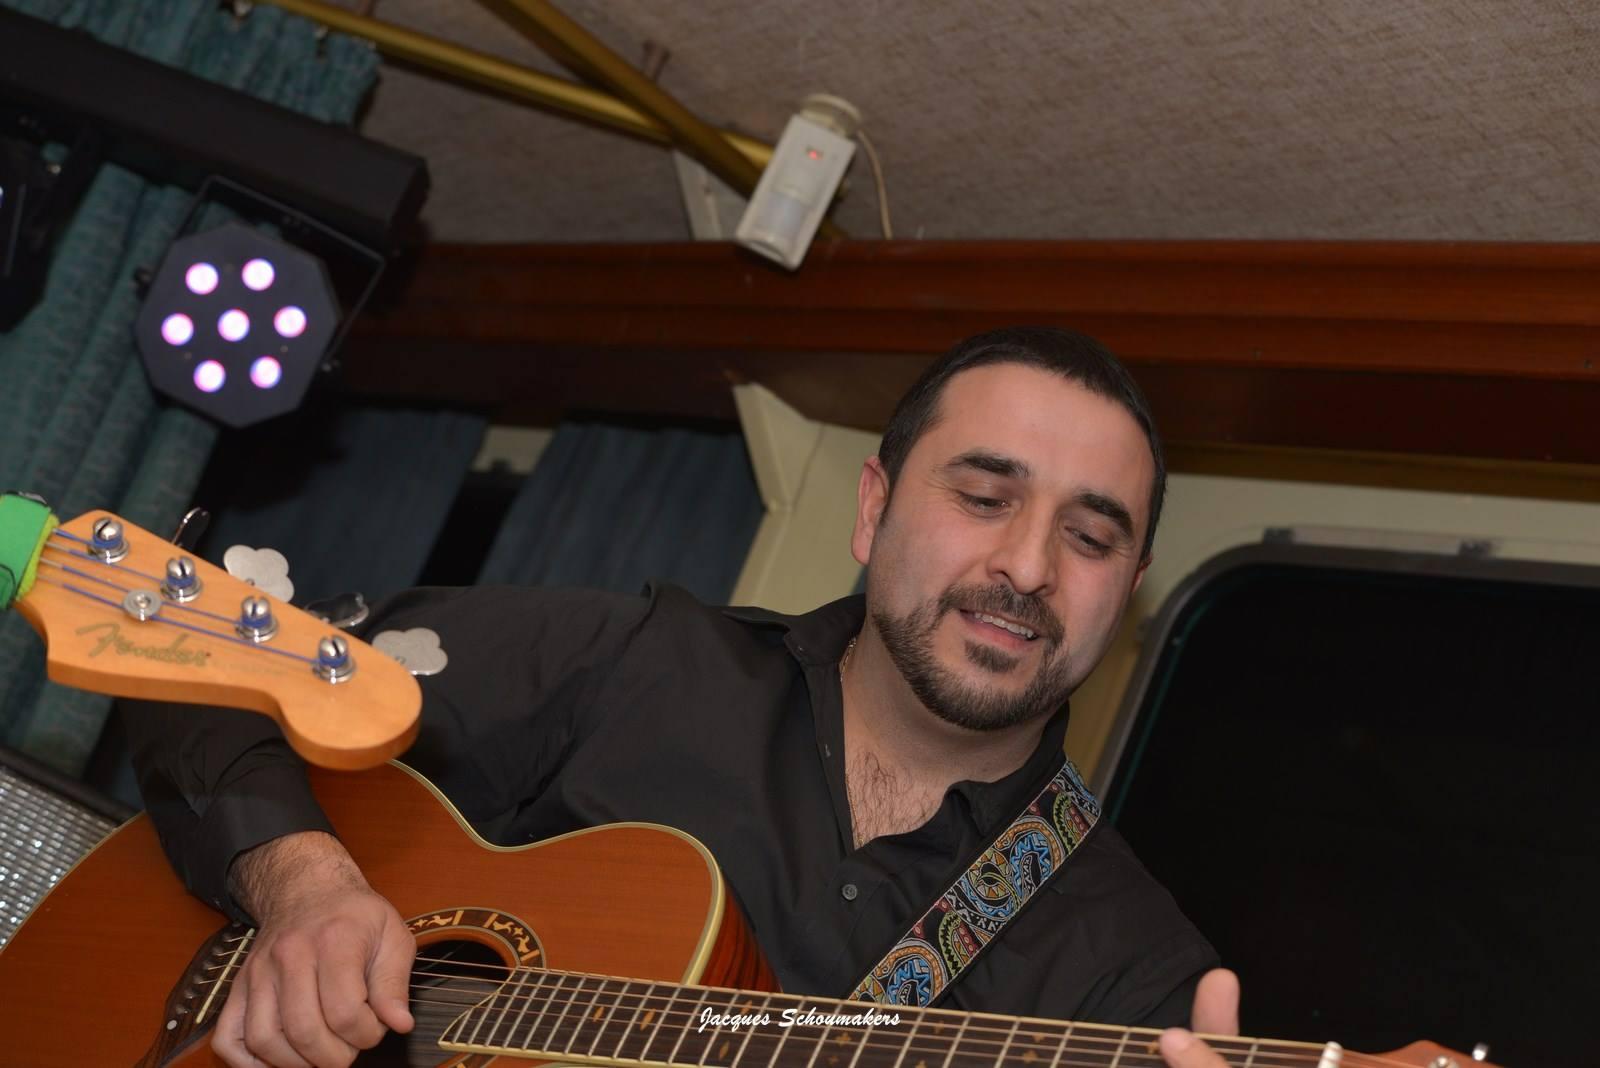 401-Sebastian-For-Elvis-Croisiere-americaine-pays-de-liege-facebook